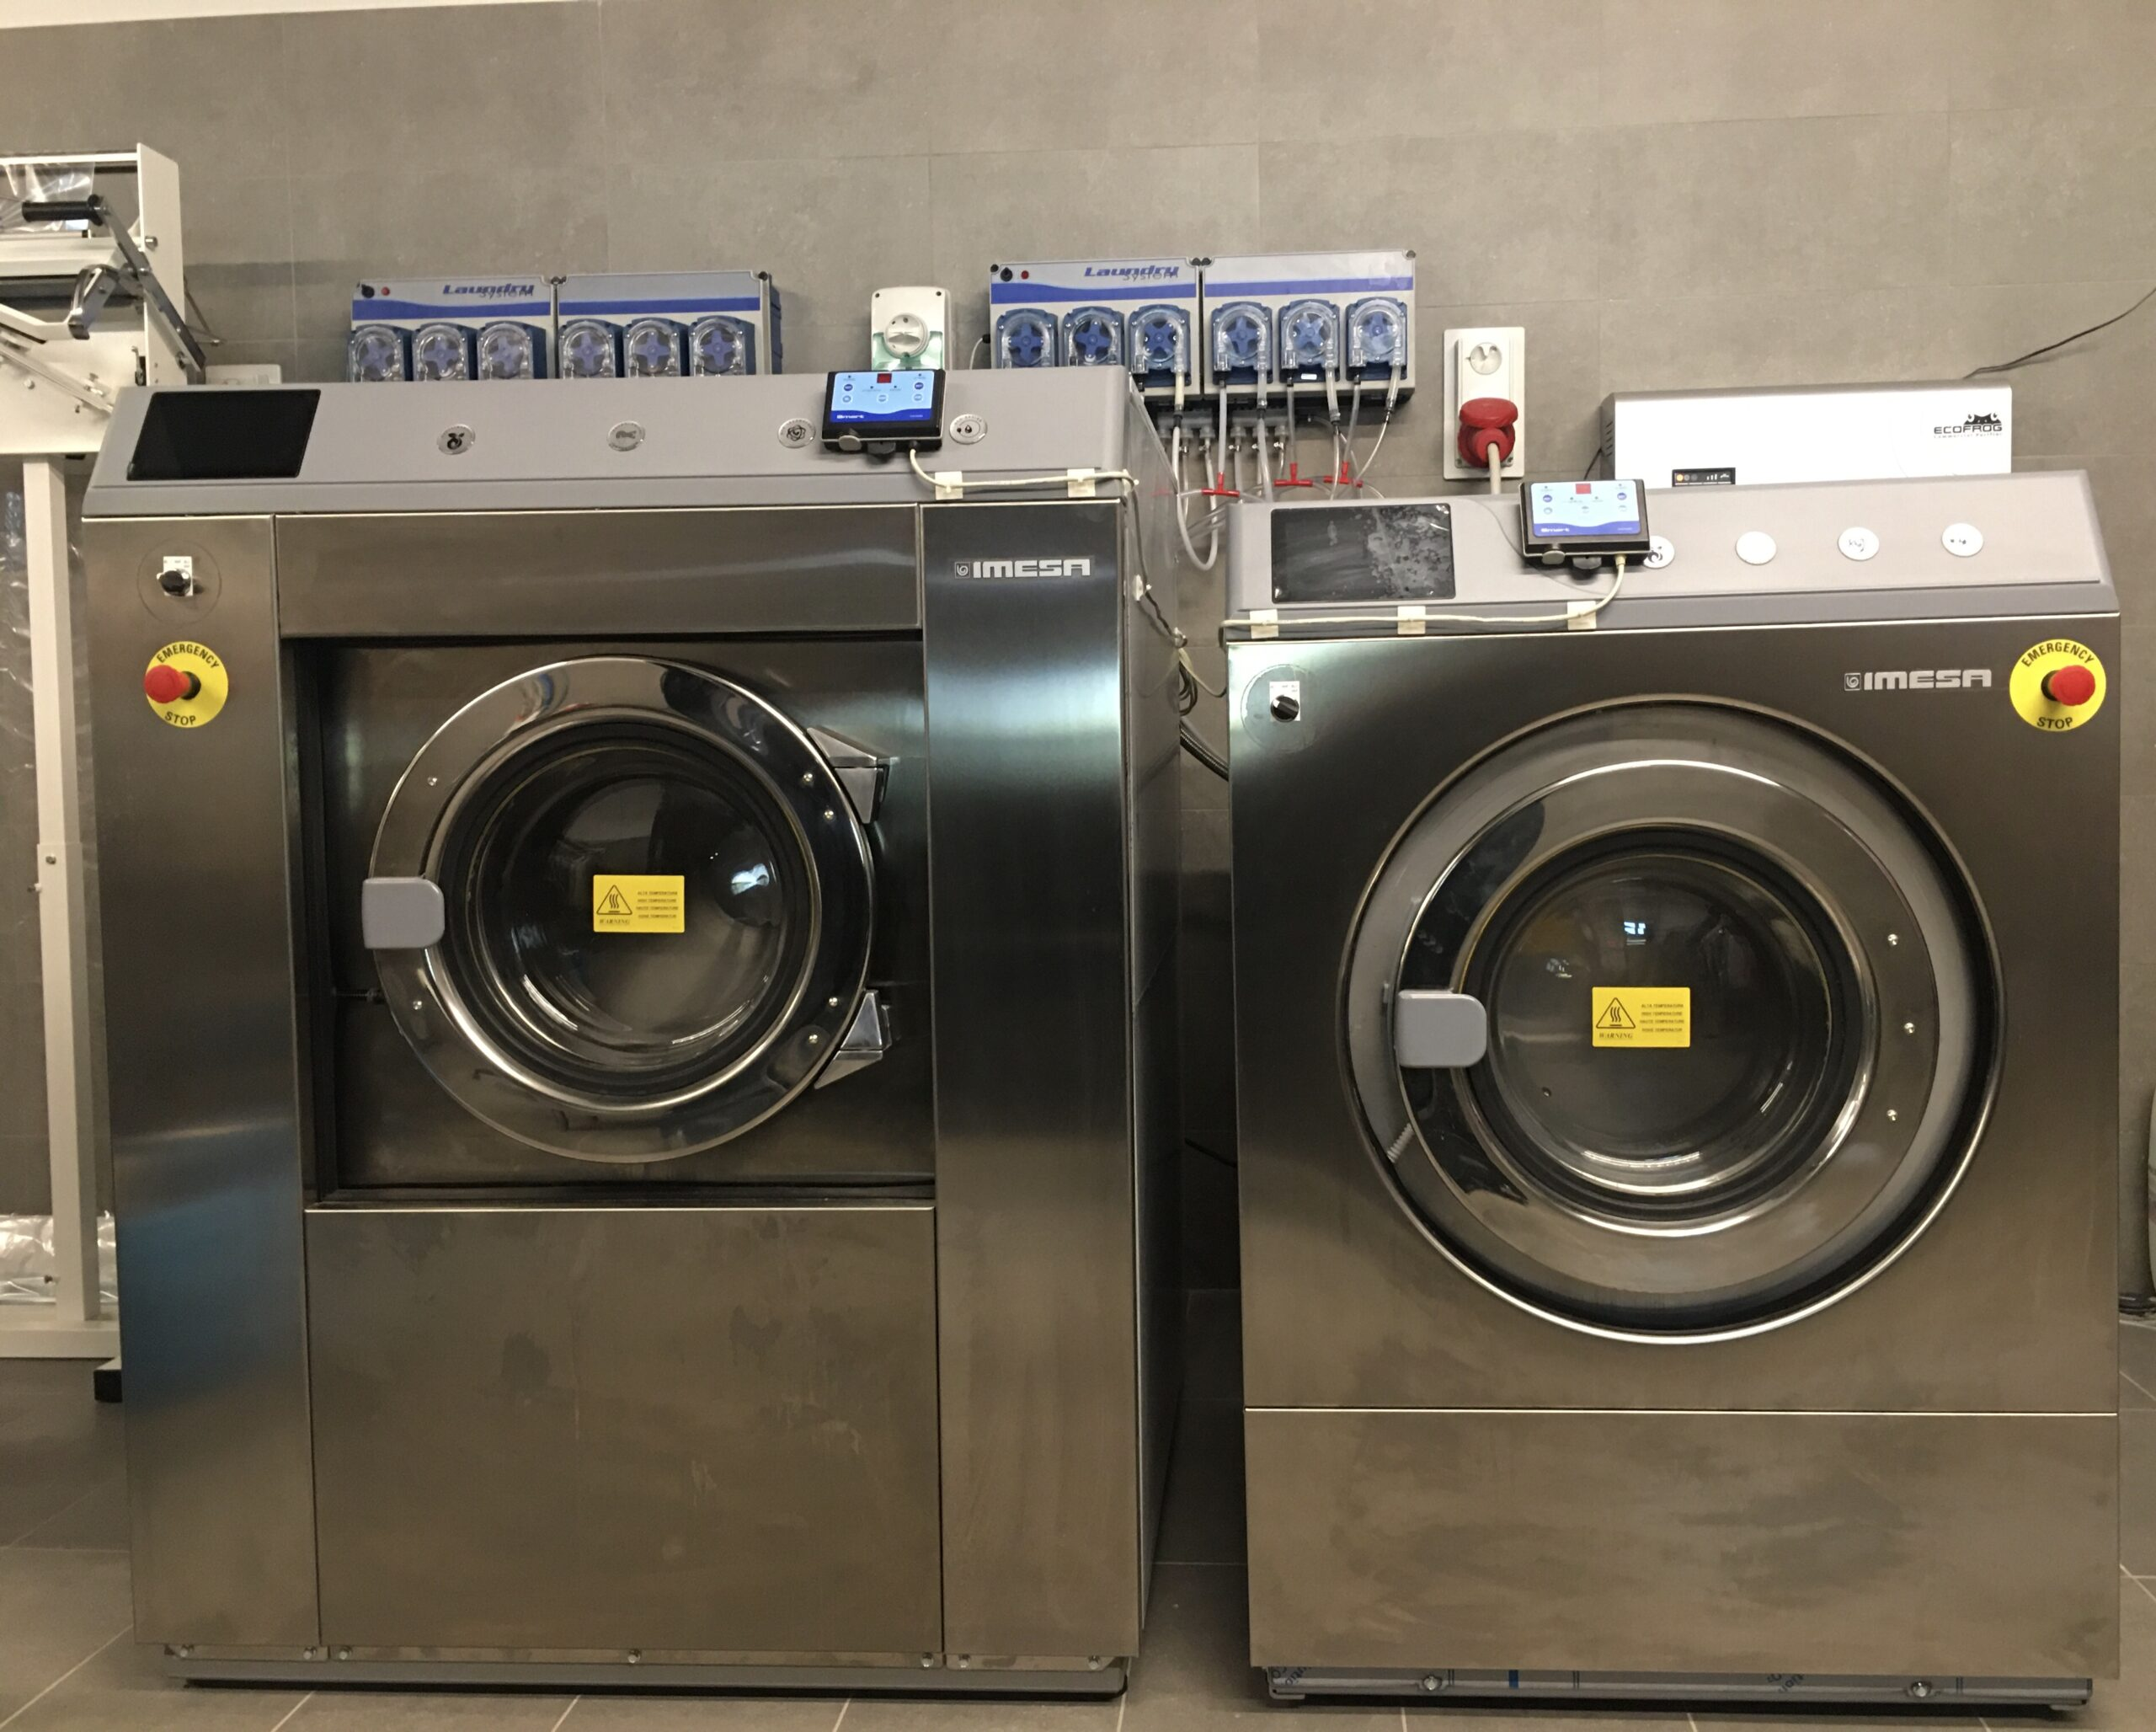 Lavatrici ad acqua.Grazie ad Inesa,utilizziamo sistemi di lavaggio ad acqua che ci permettono di lavare con efficacia e sicurezza,qualsiasi capo d'abbigliamento o d'arredo.